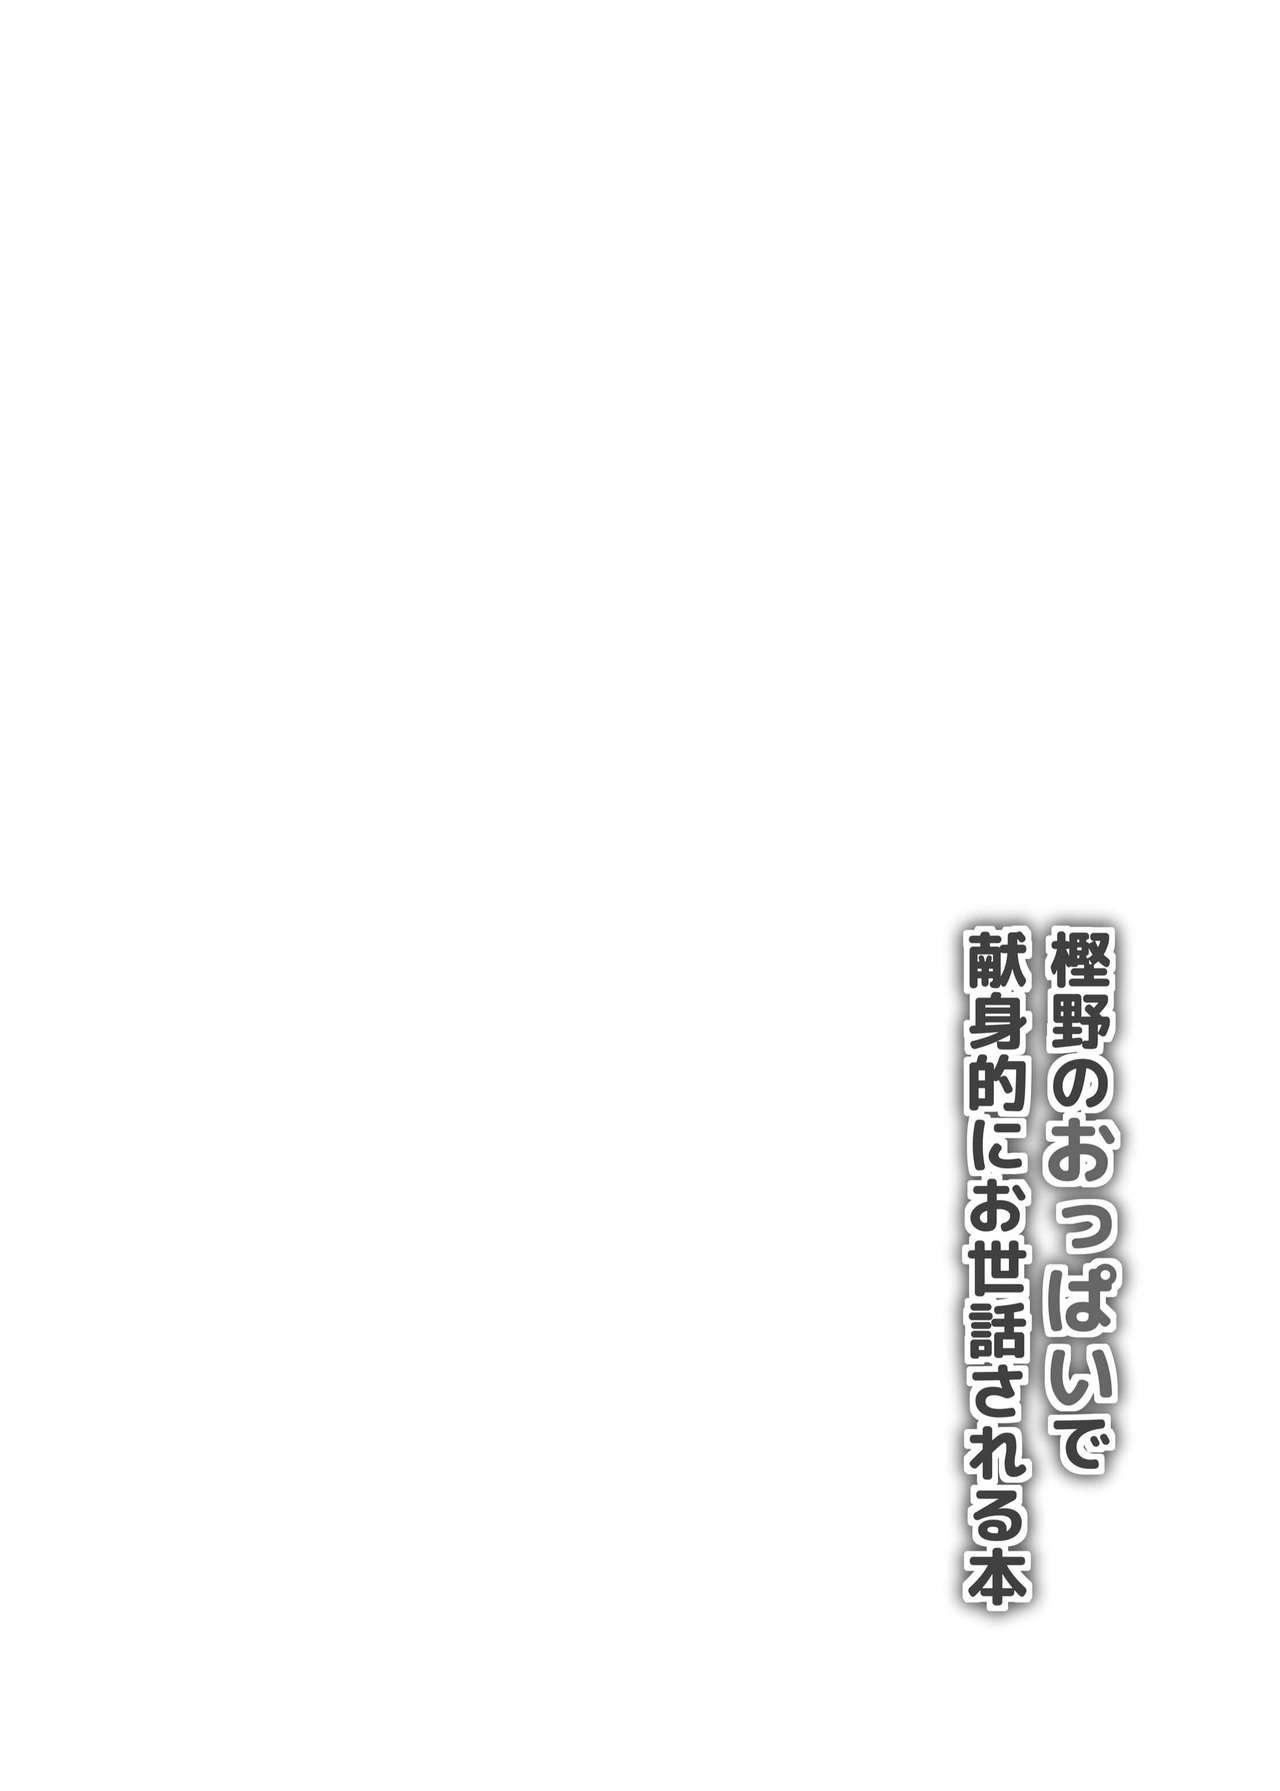 Kashino no Oppai de Kenshinteki ni Osewa Sareru Hon 3